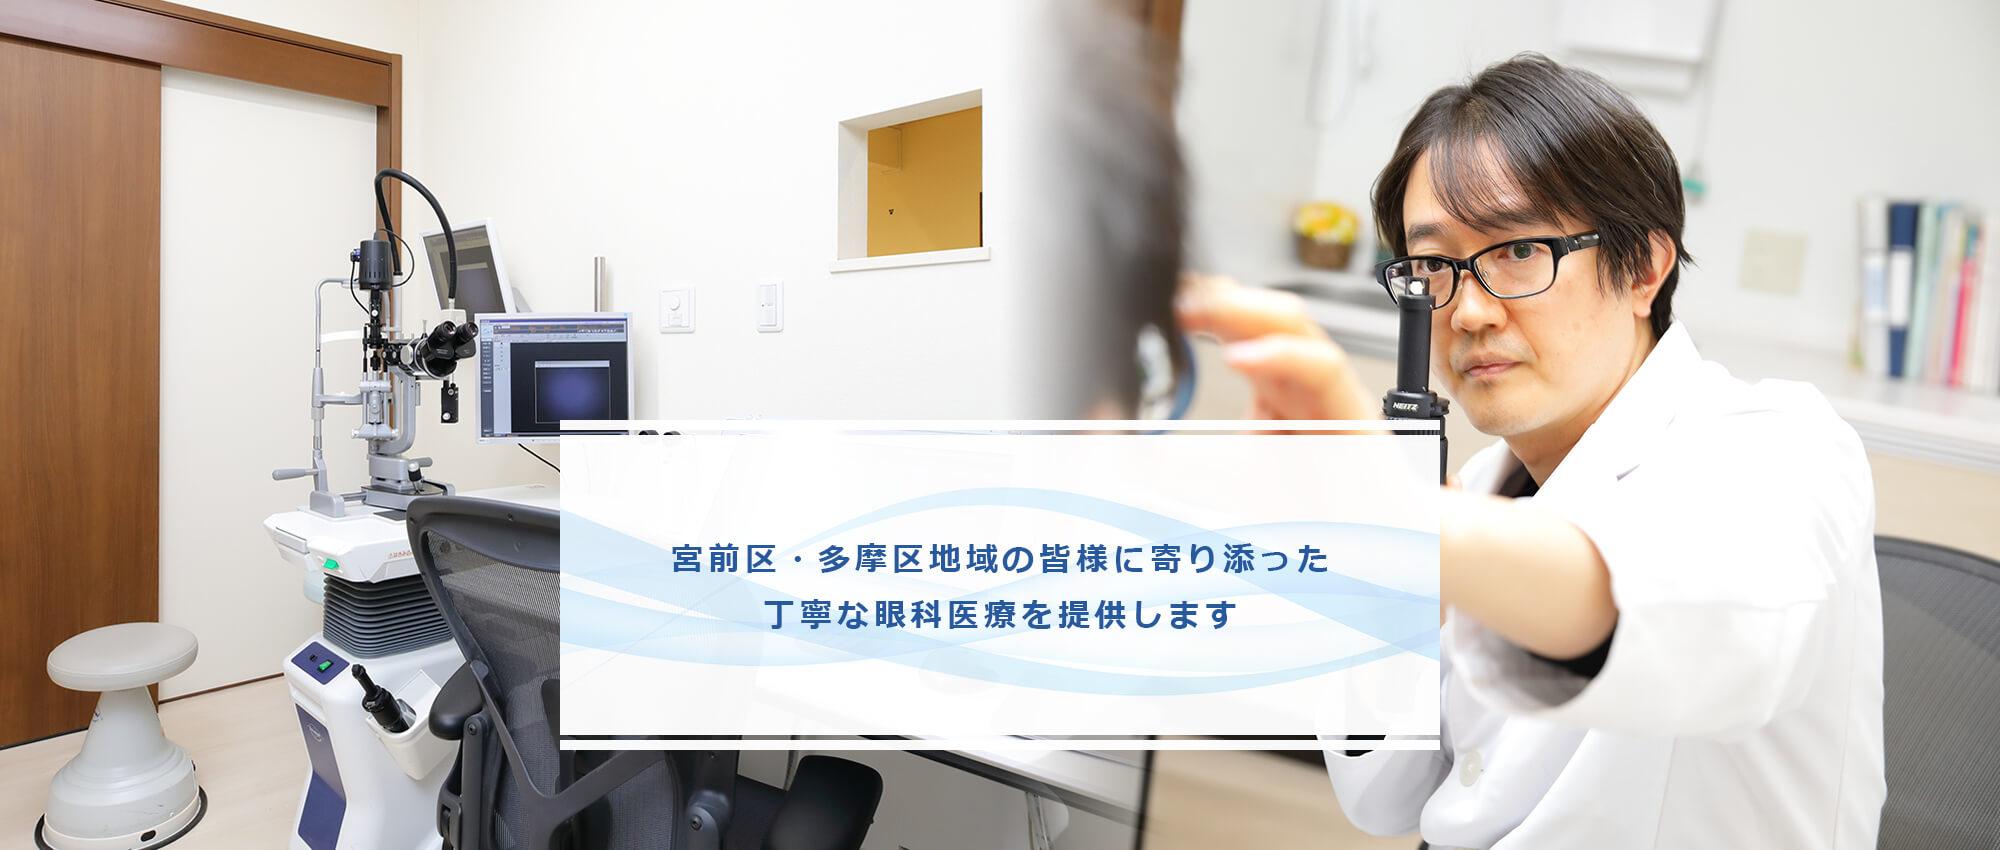 宮前区・多摩区地域の皆様に寄り添った丁寧な眼科医療を提供します